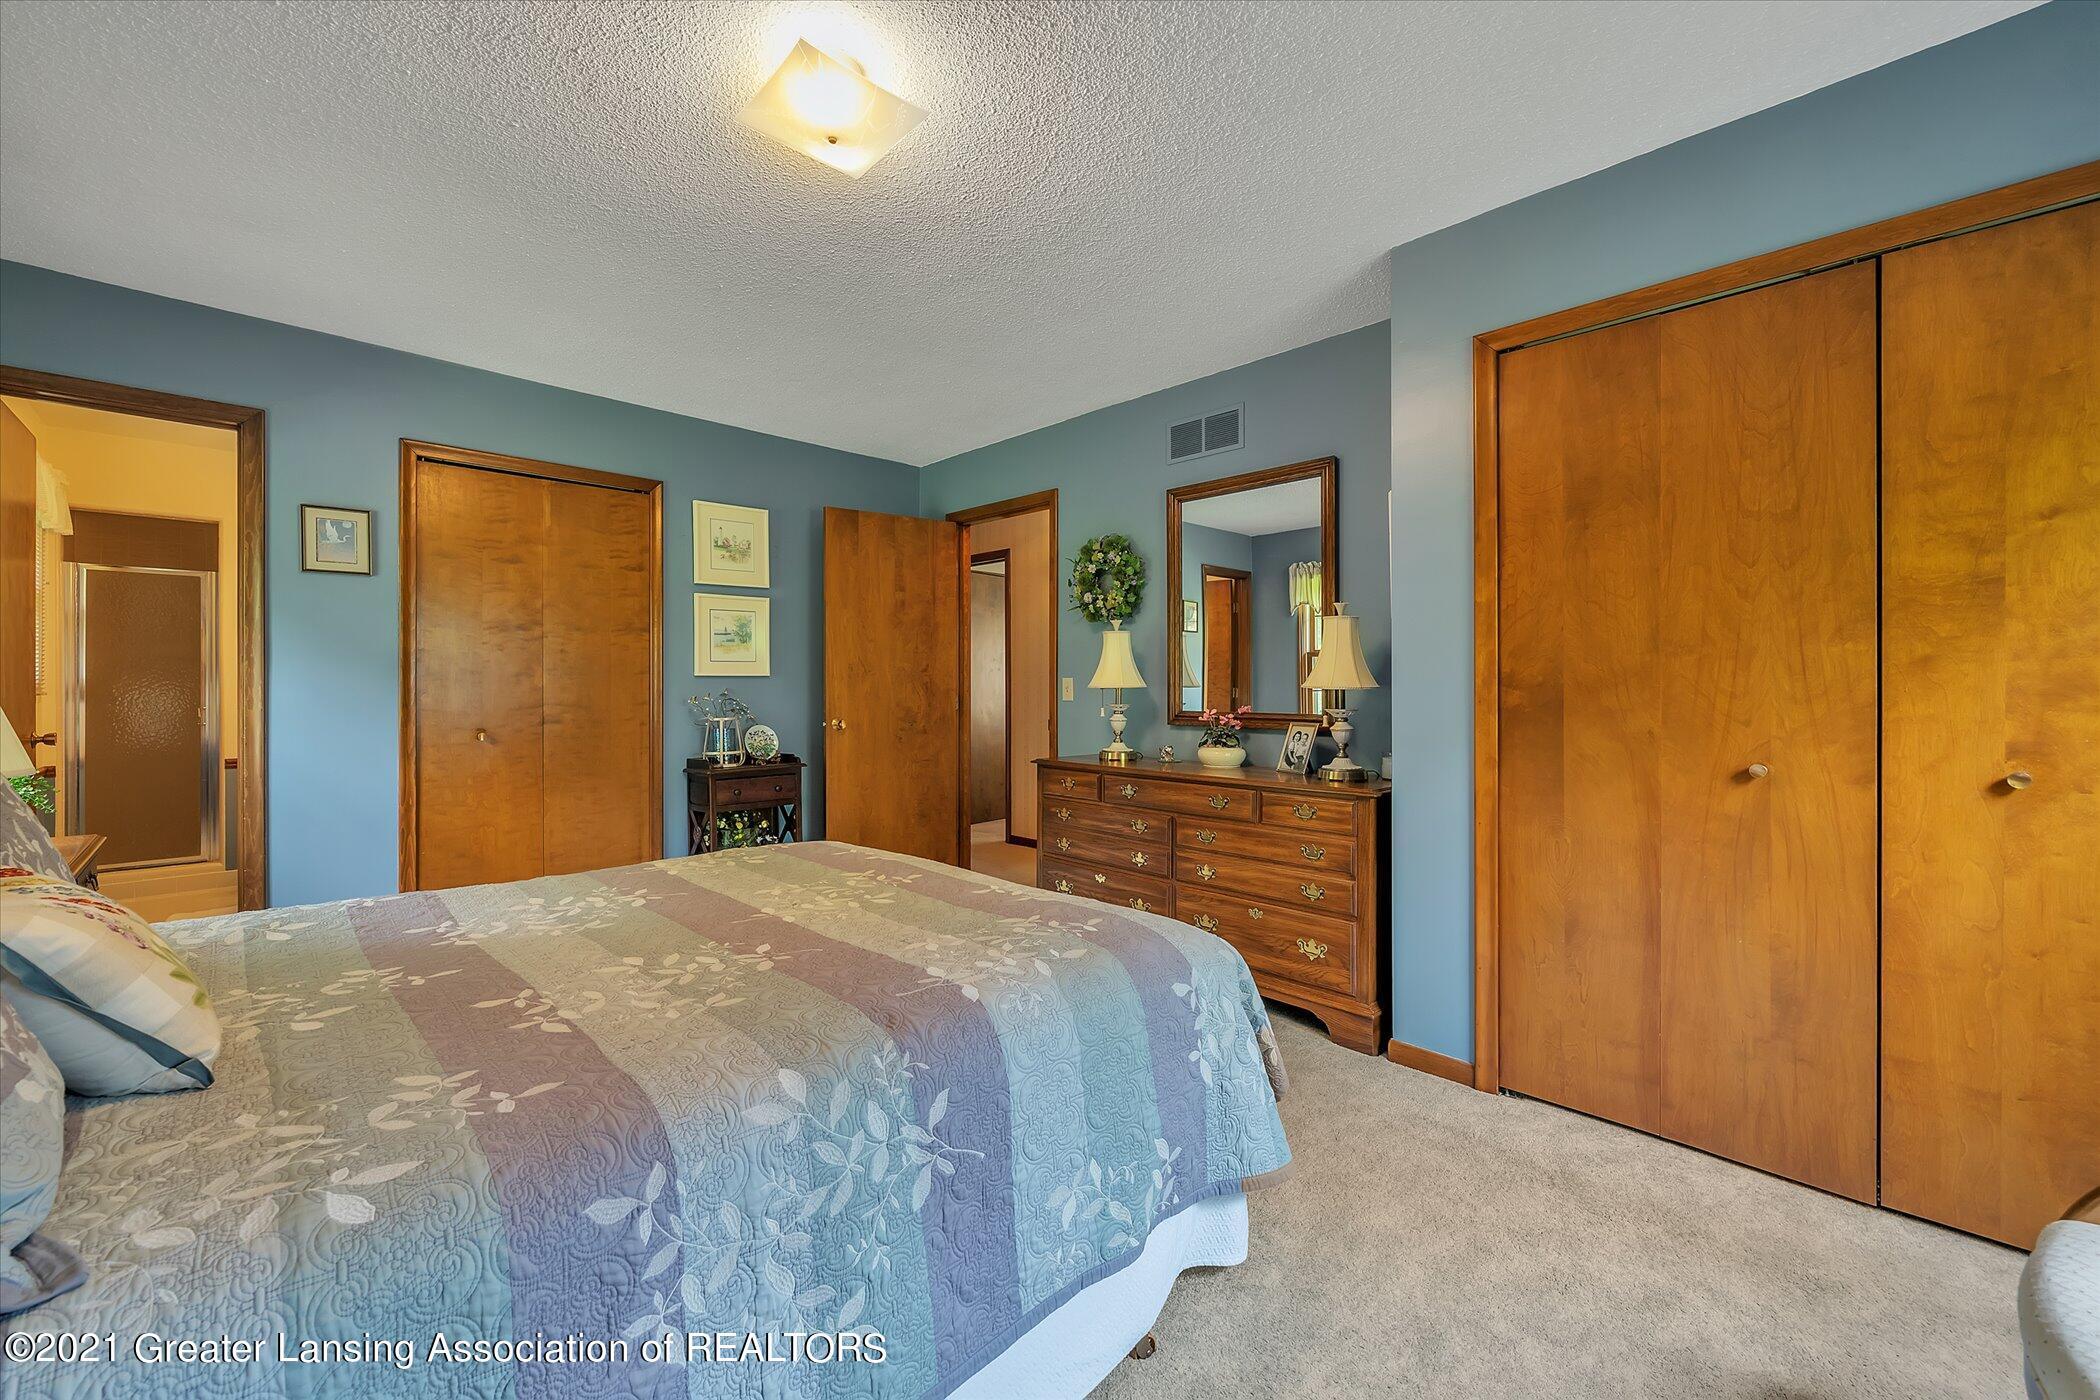 5556 Wood Valley Dr - (13) MAIN FLOOR Primary Bedroom - 13